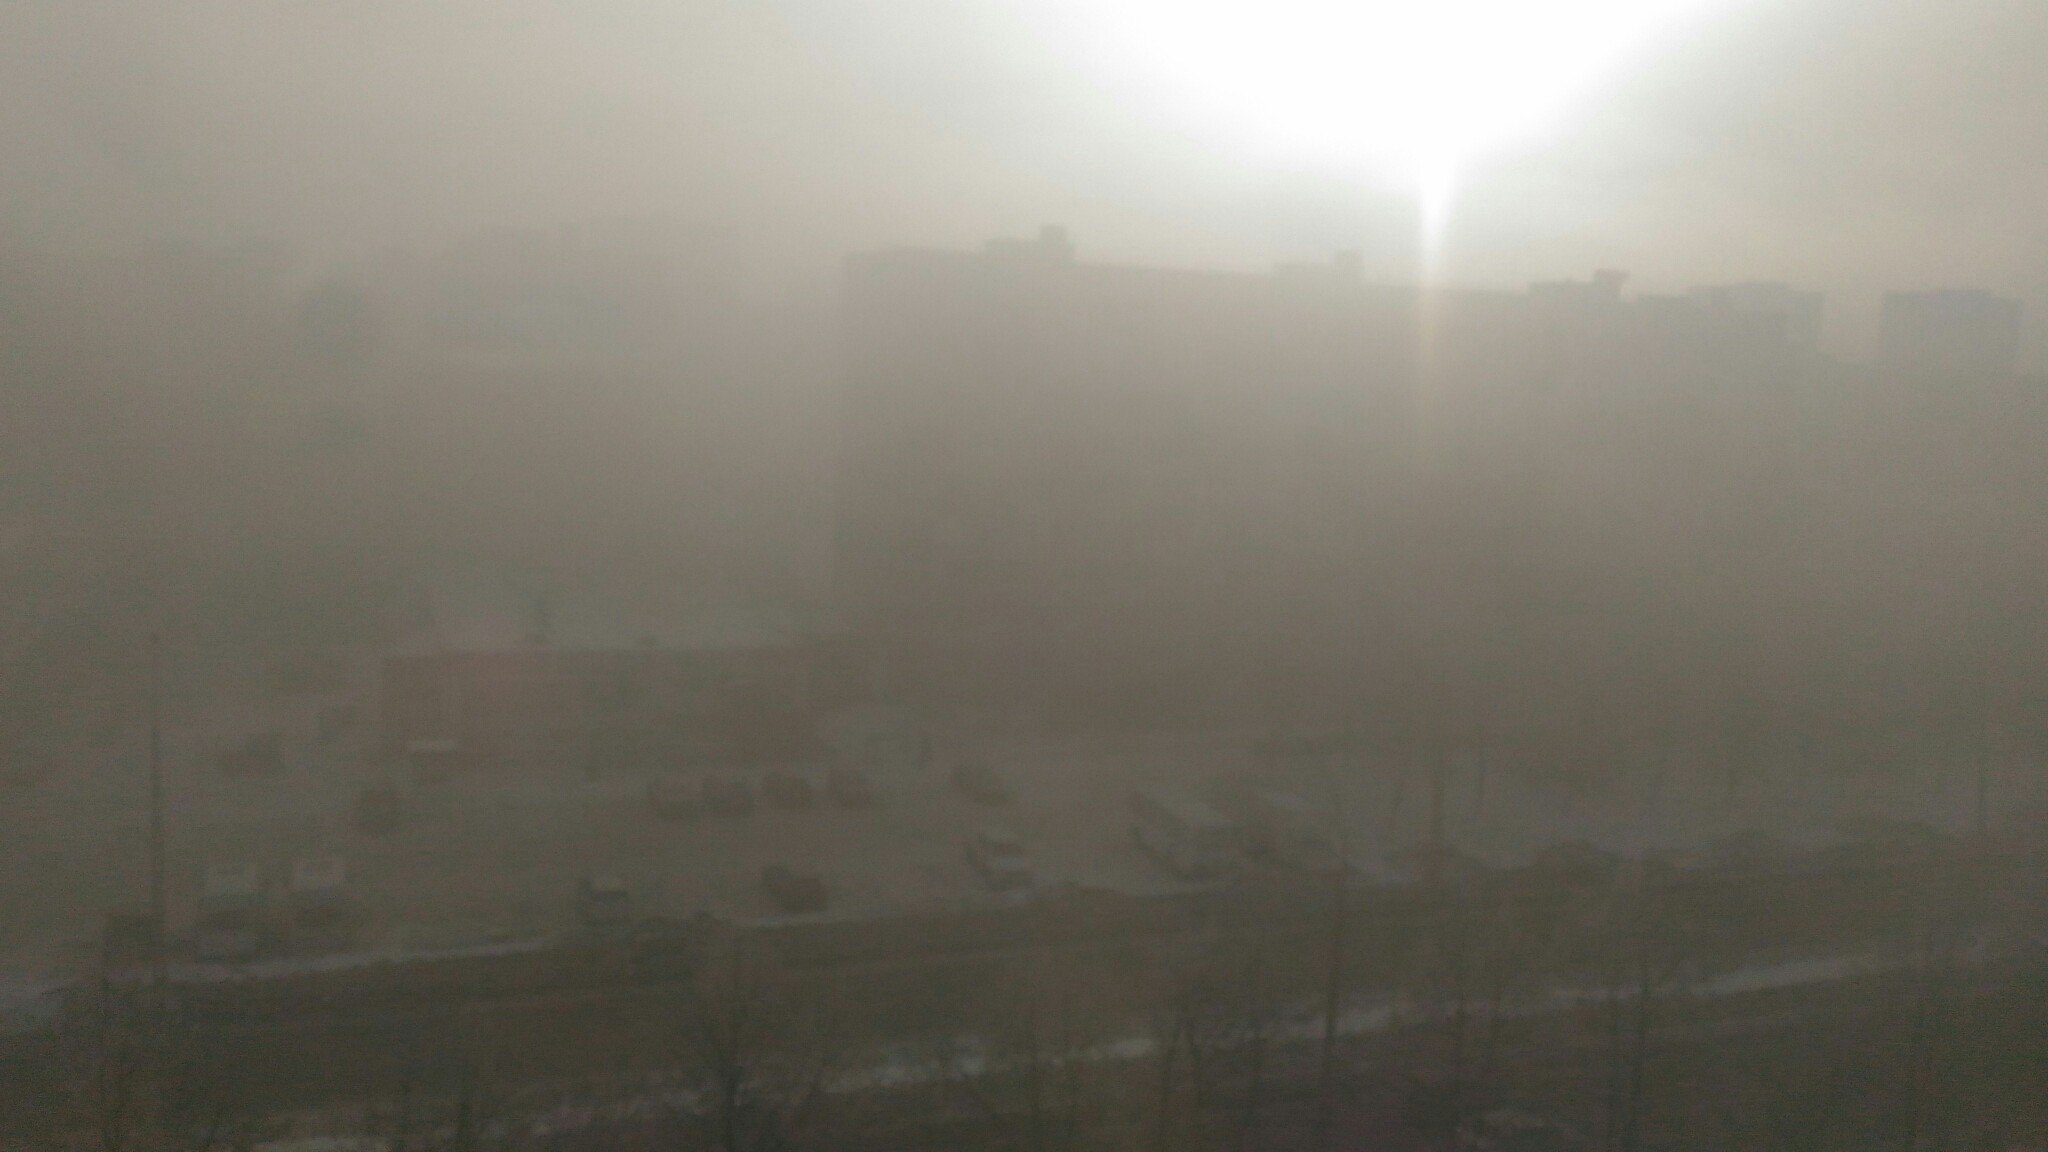 Метеоусловия 23 сентября будут благоприятными в большинстве городов Казахстана